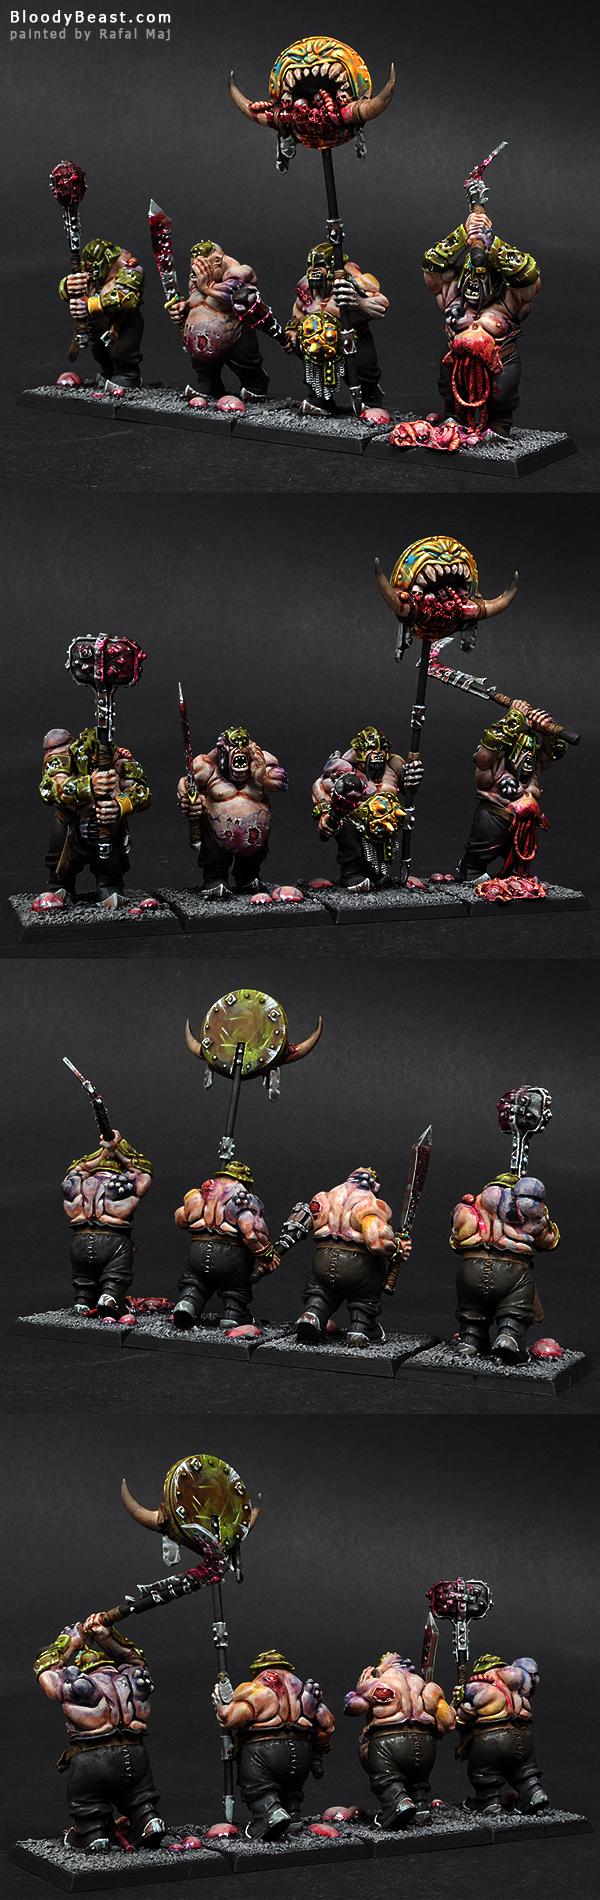 Nurgle Ogres painted by Rafal Maj (BloodyBeast.com)